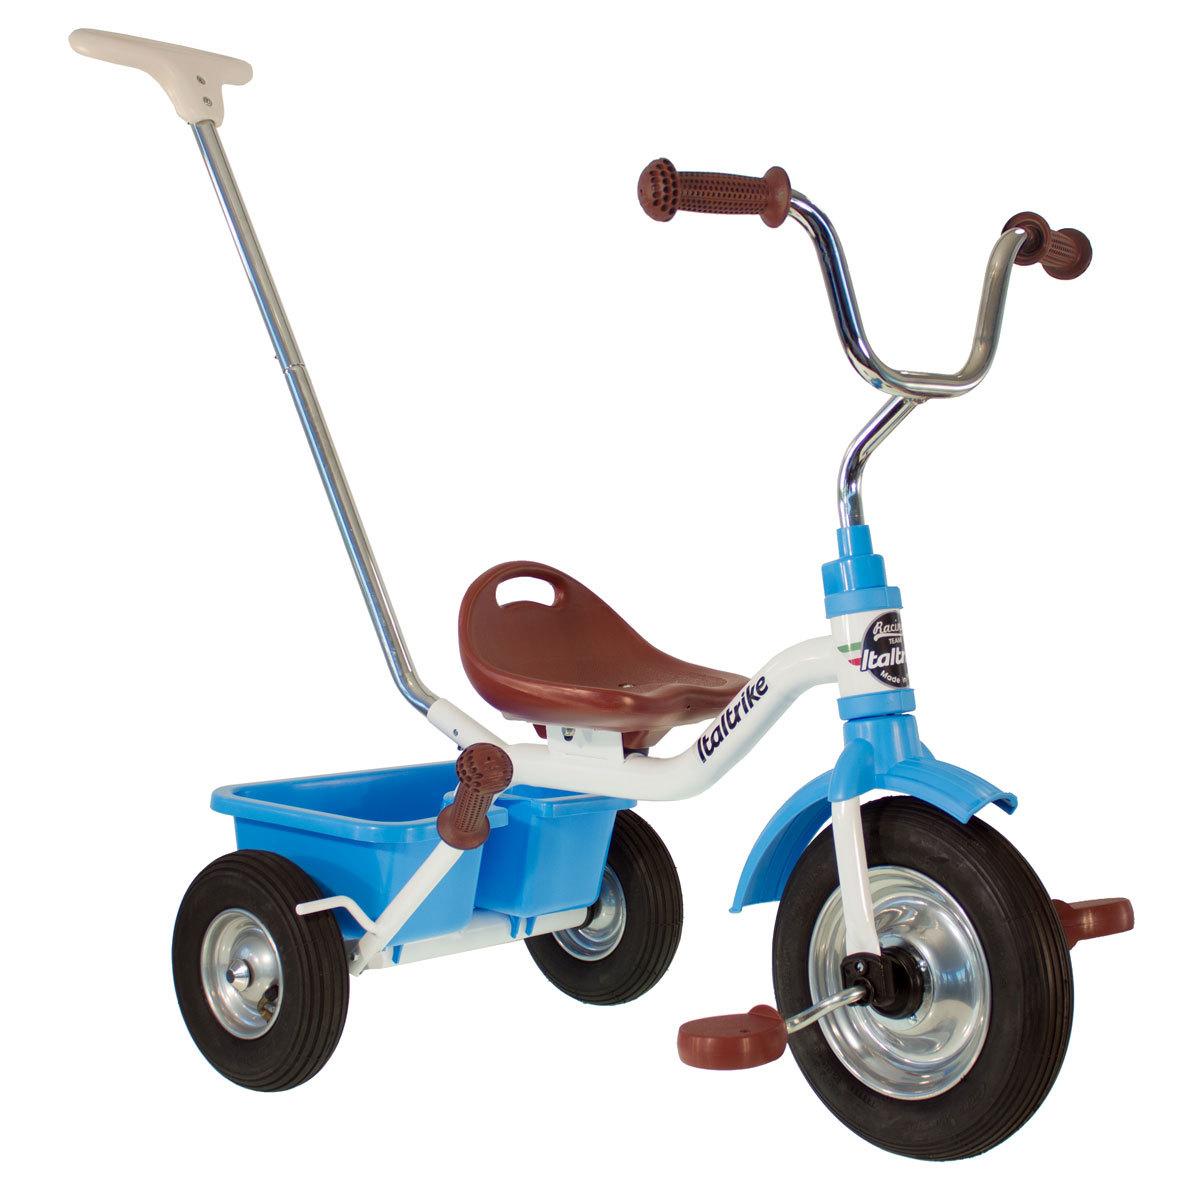 Trotteur & Porteur Tricycle Racing Monaco - Blanc/Bleu Tricycle Racing Monaco - Blanc/Bleu